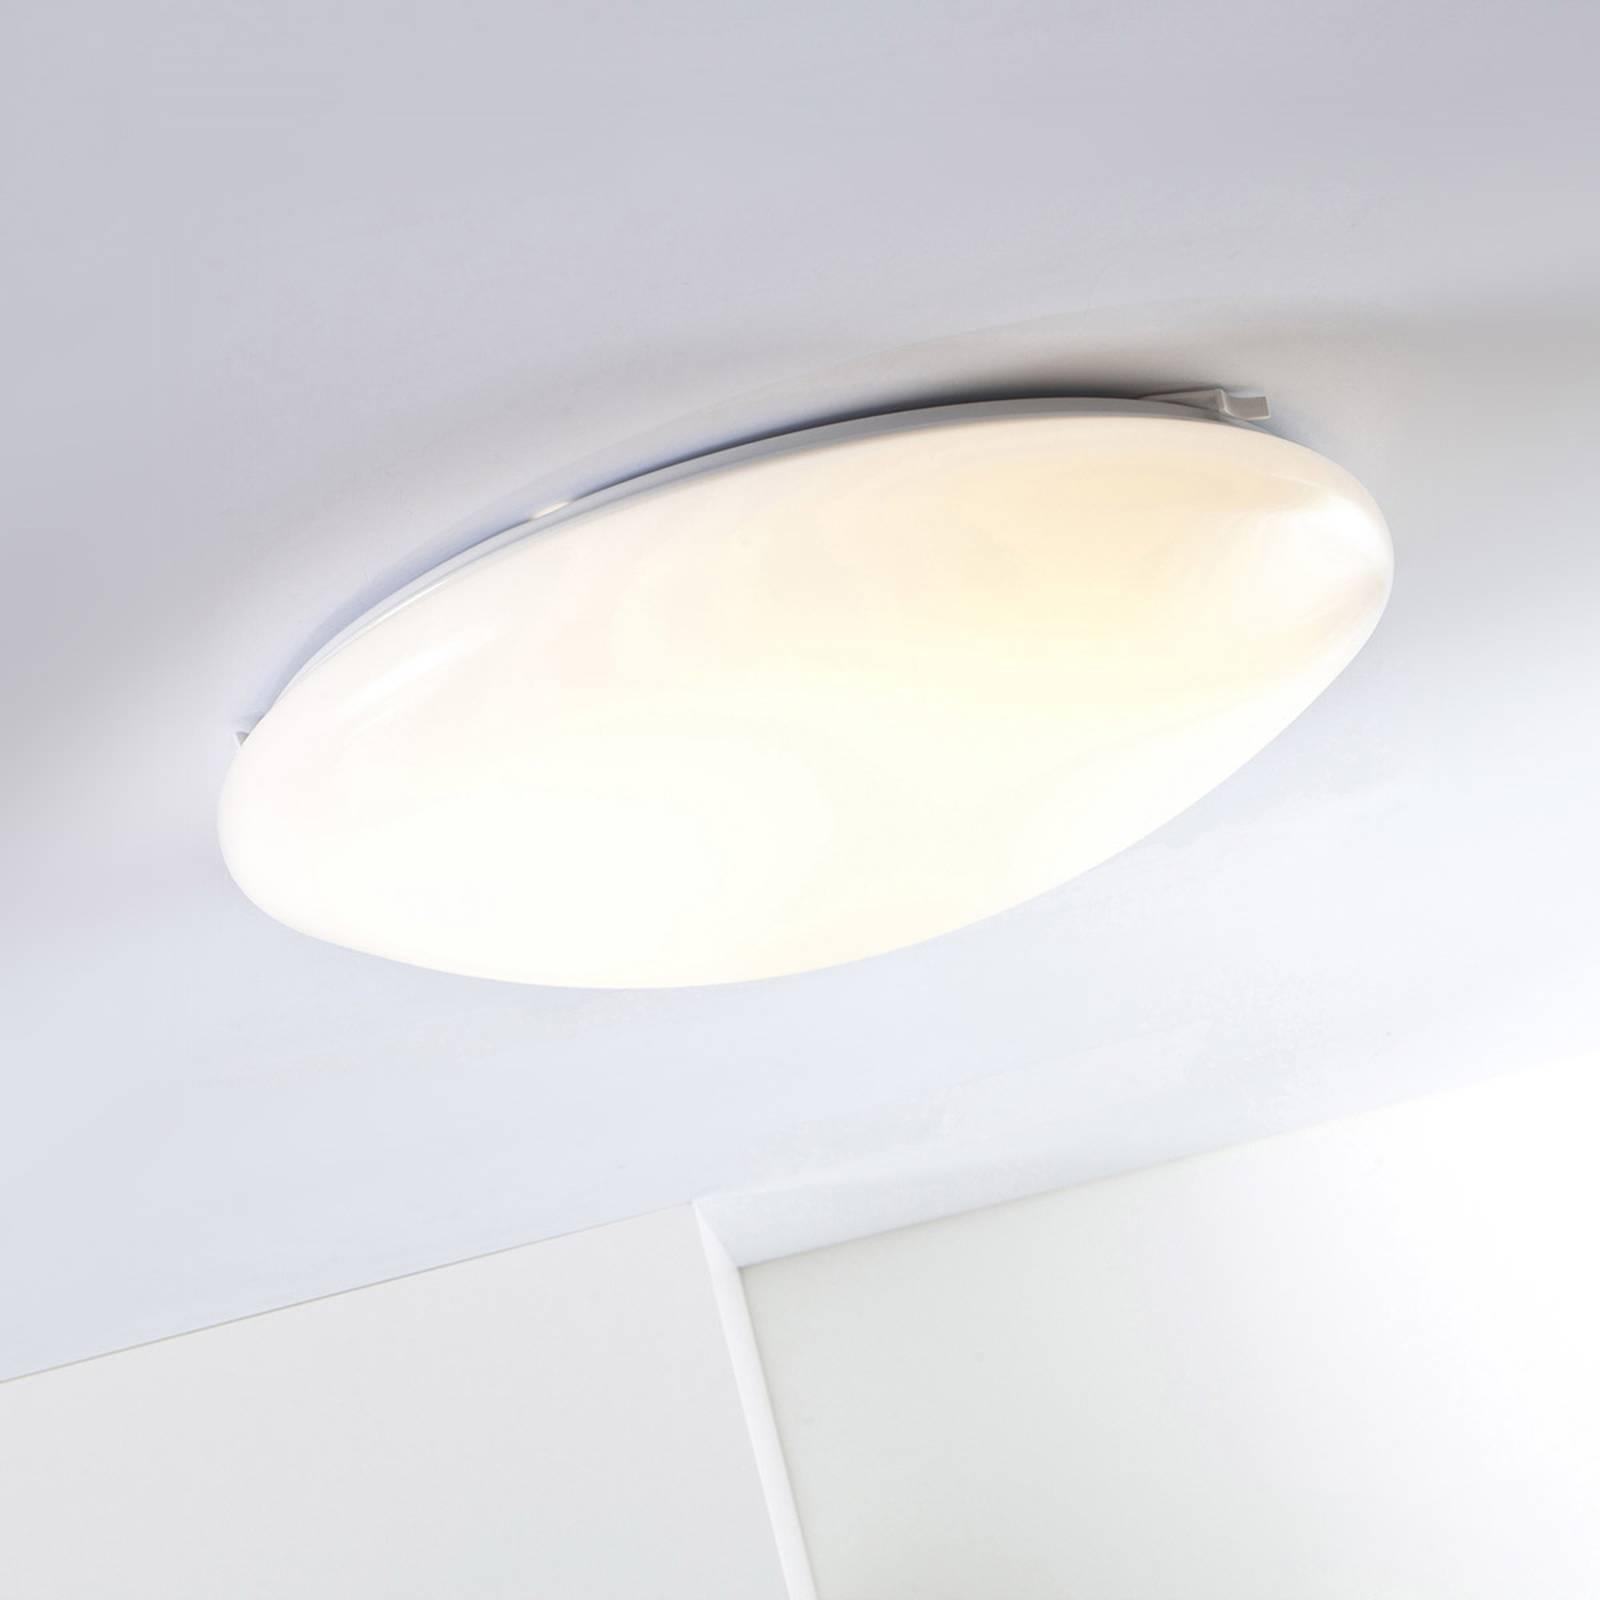 AEG LED Basic - ronde LED plafondlamp, 22 W